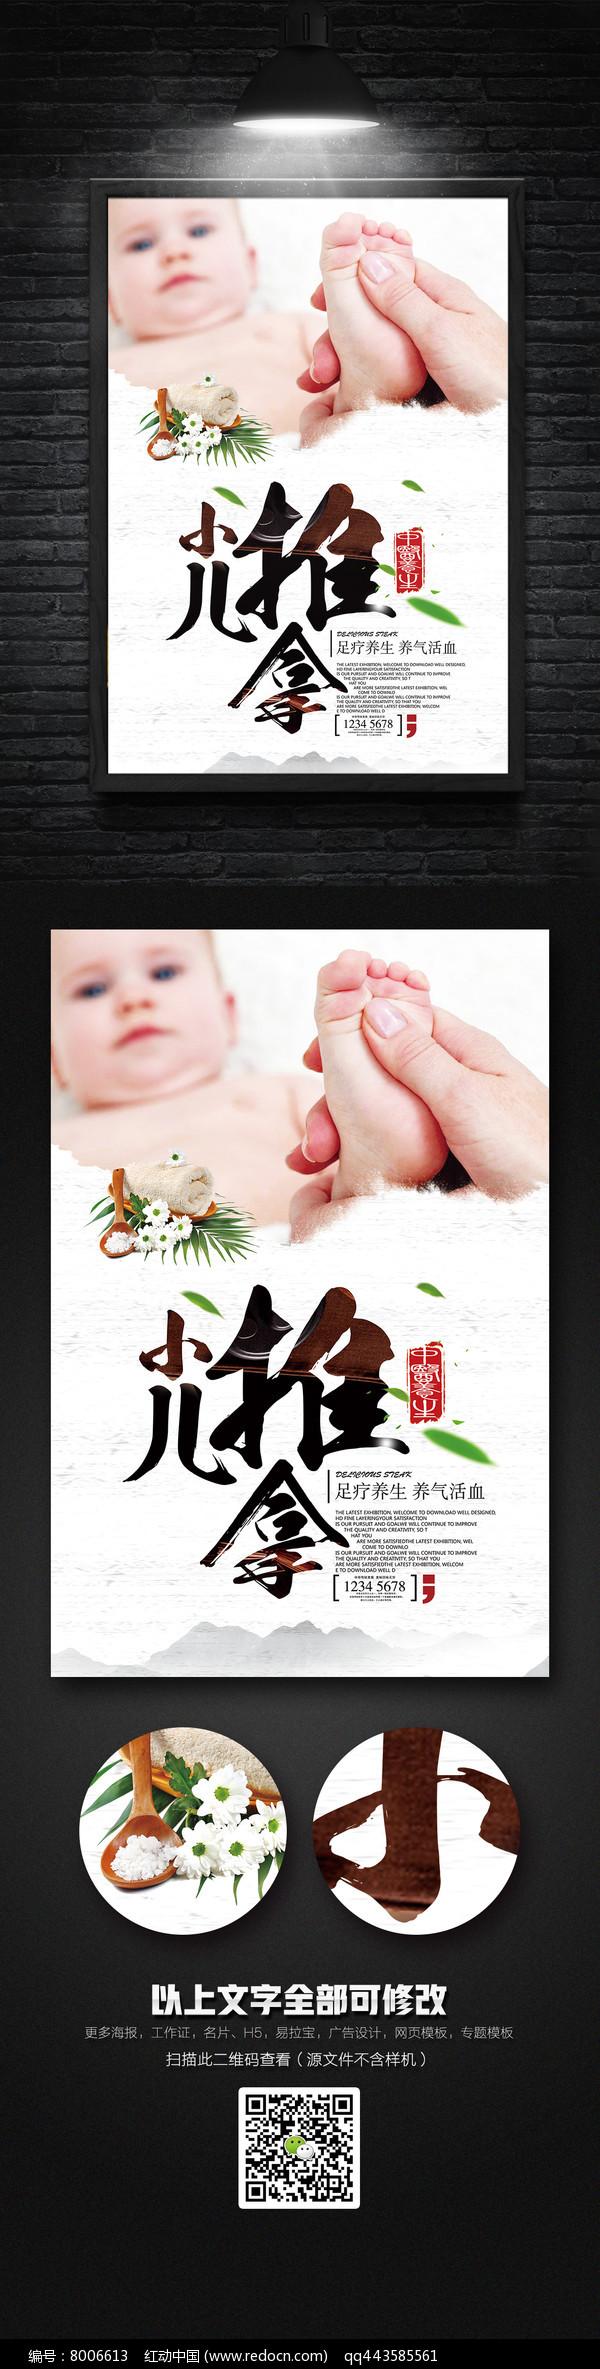 中国风创意小儿推拿宣传海报设计